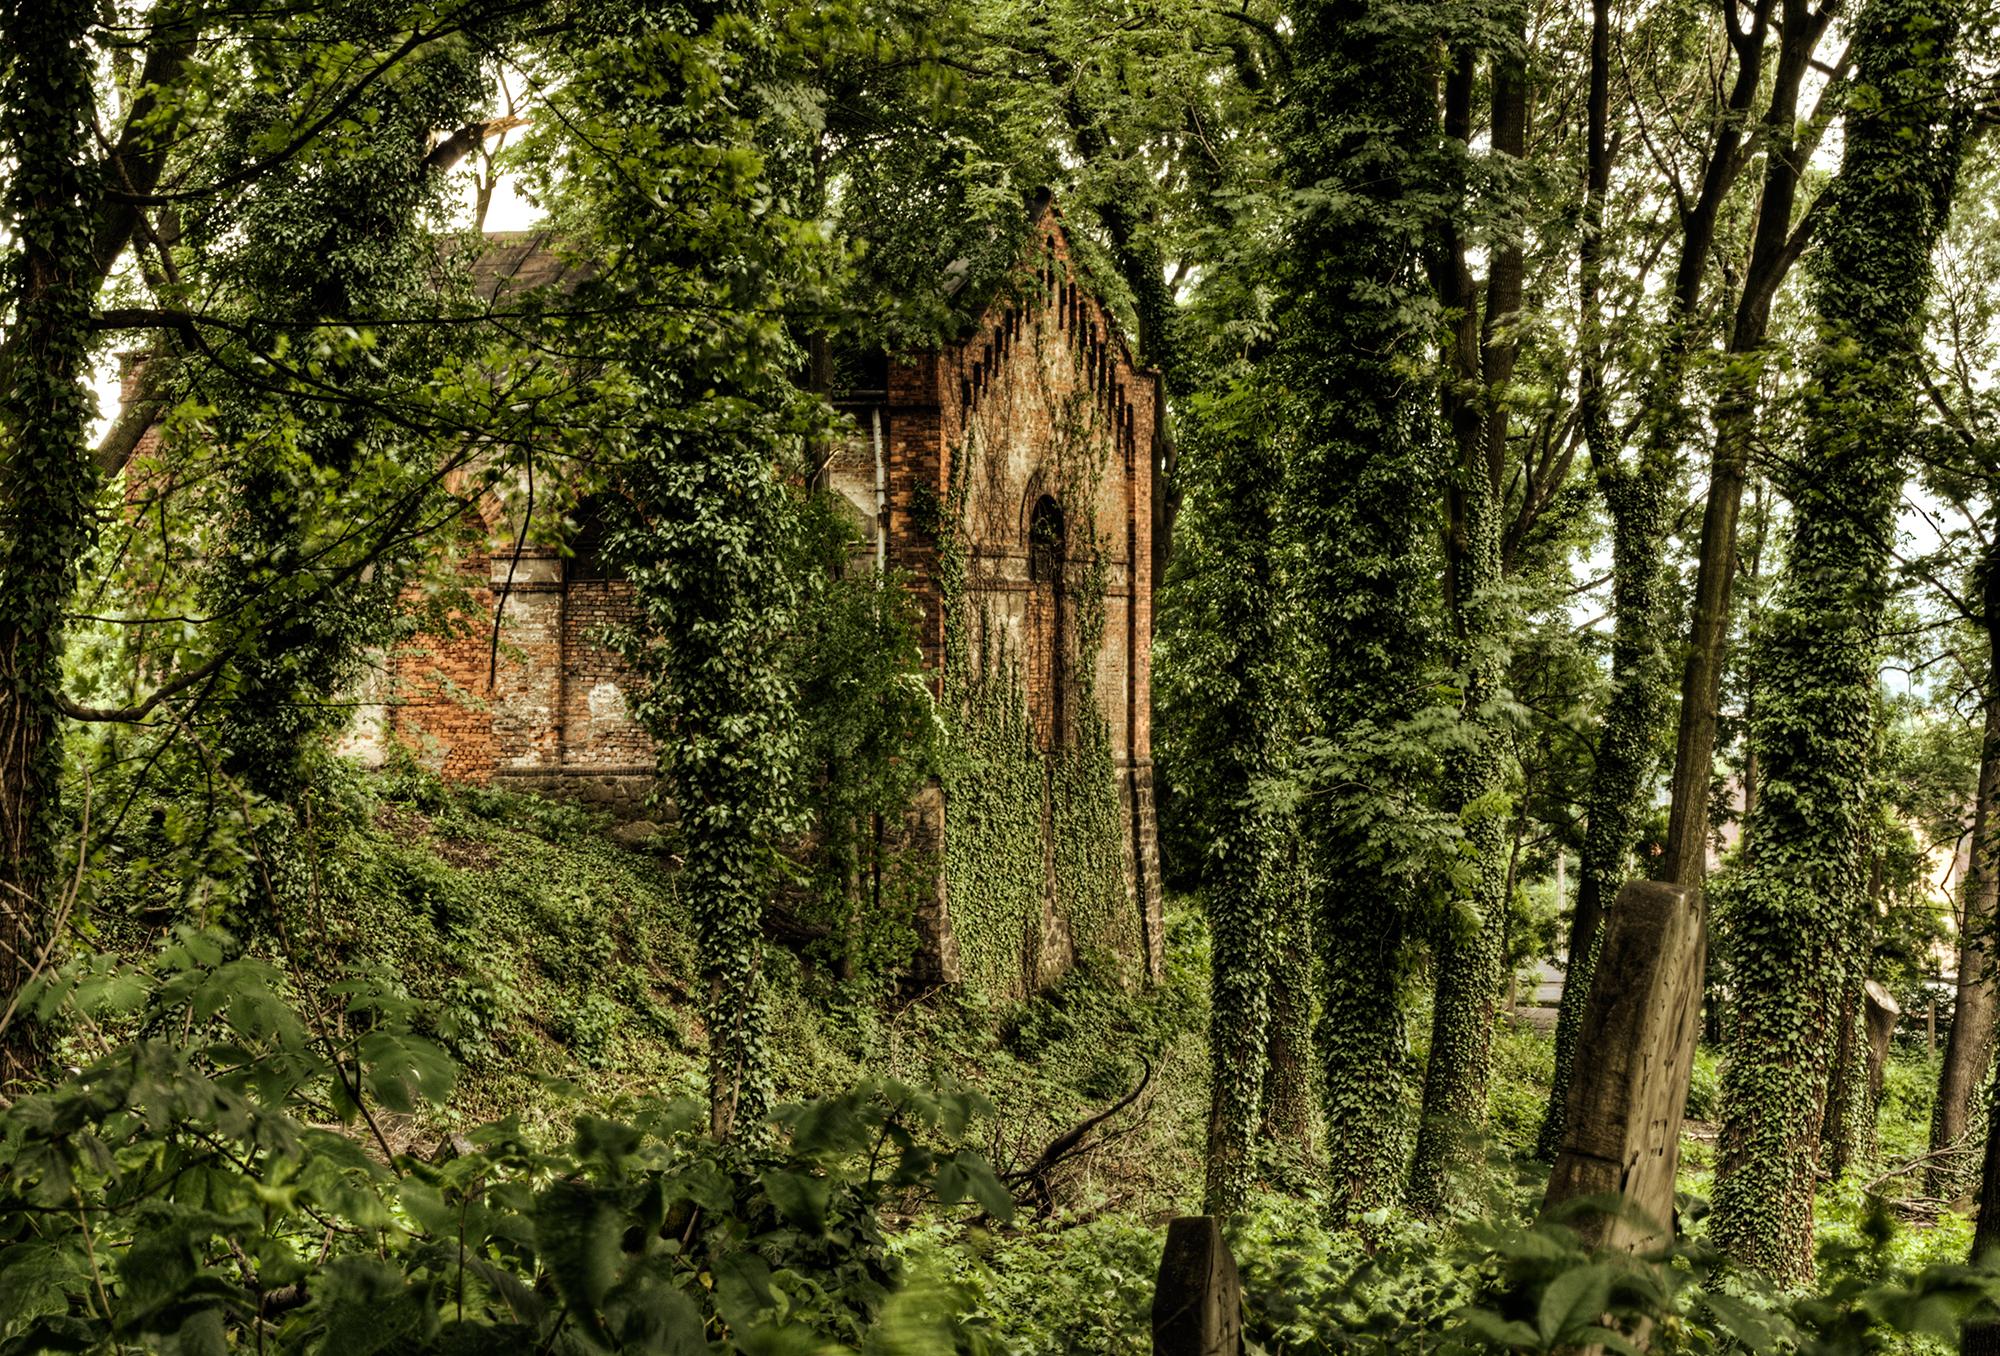 Jewish cemetery in Cieszyn, Poland